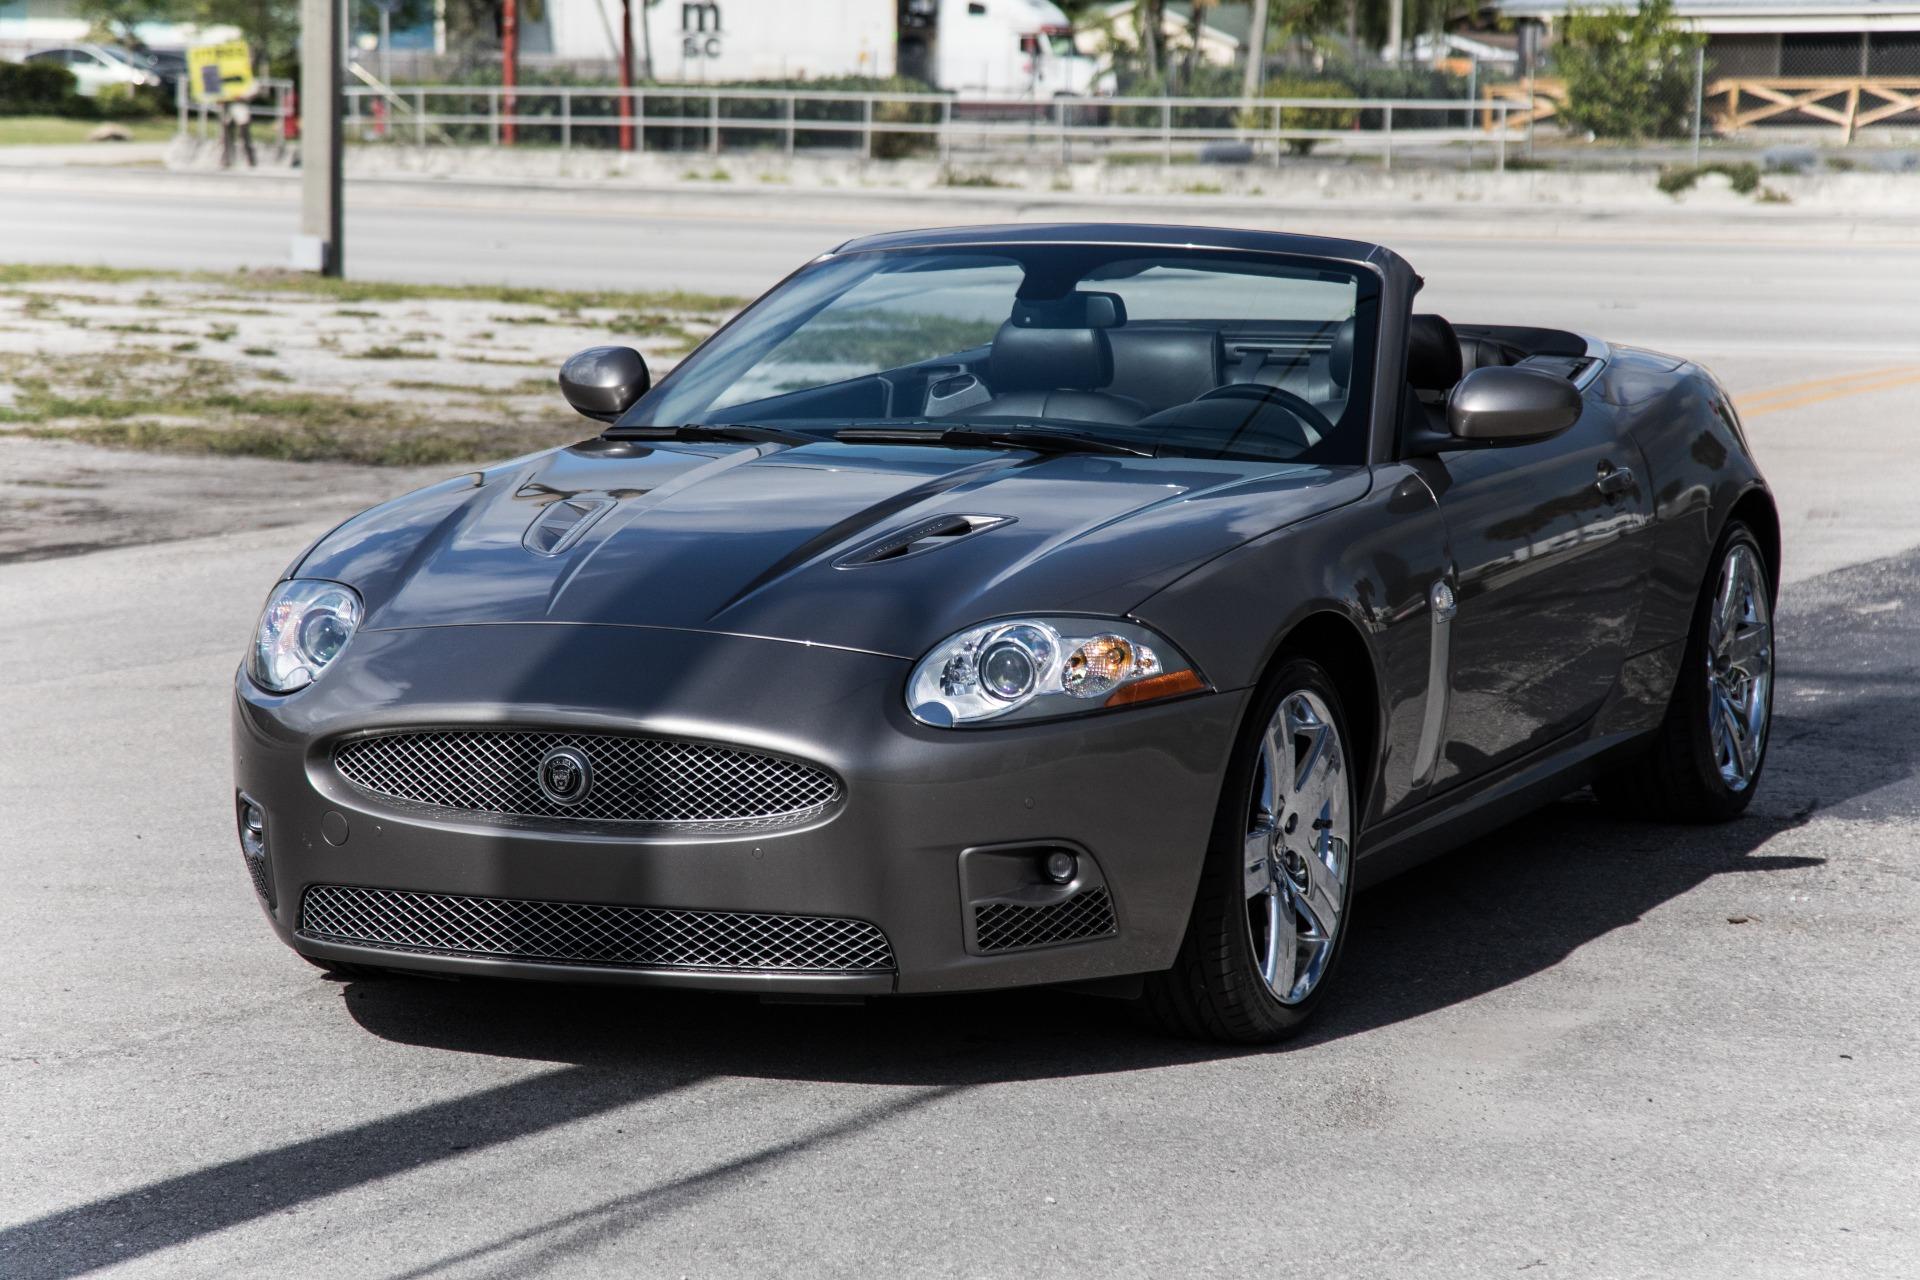 Used 2009 Jaguar XK XKR For Sale ($29,900) | Marino Performance Motors Stock #B28048